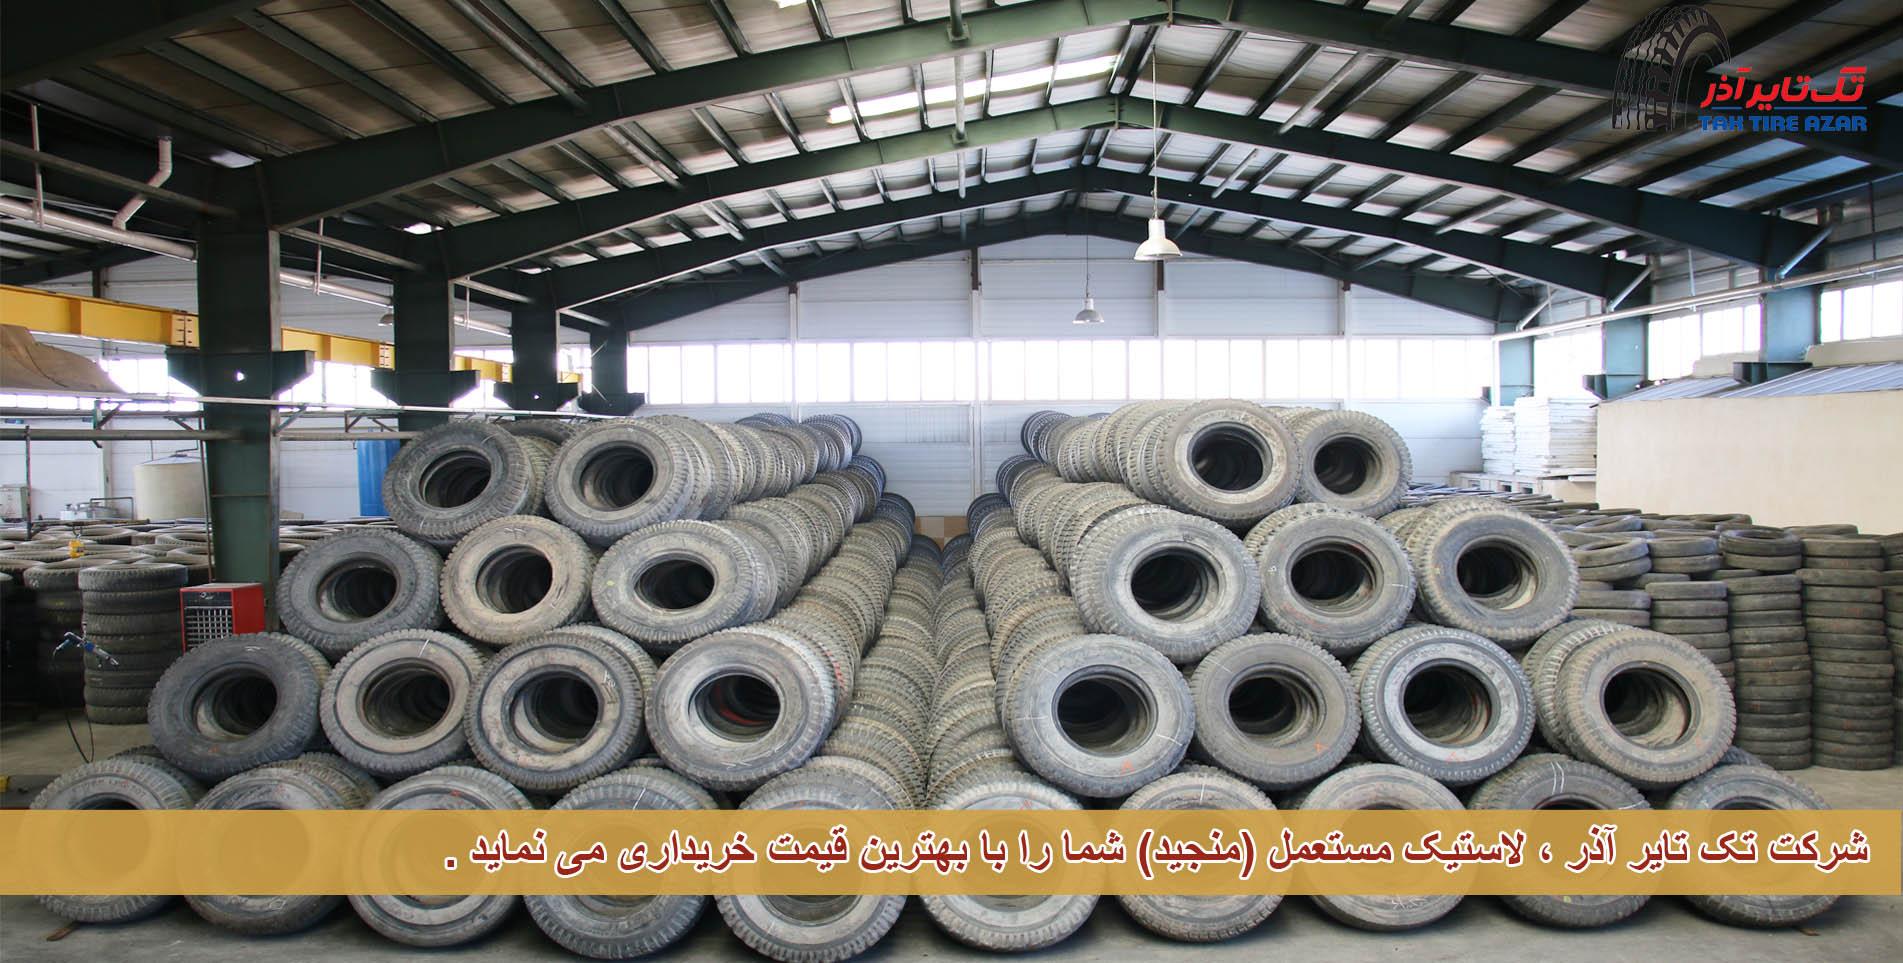 خریداری منجید توسط شرکت تک تایر آذر